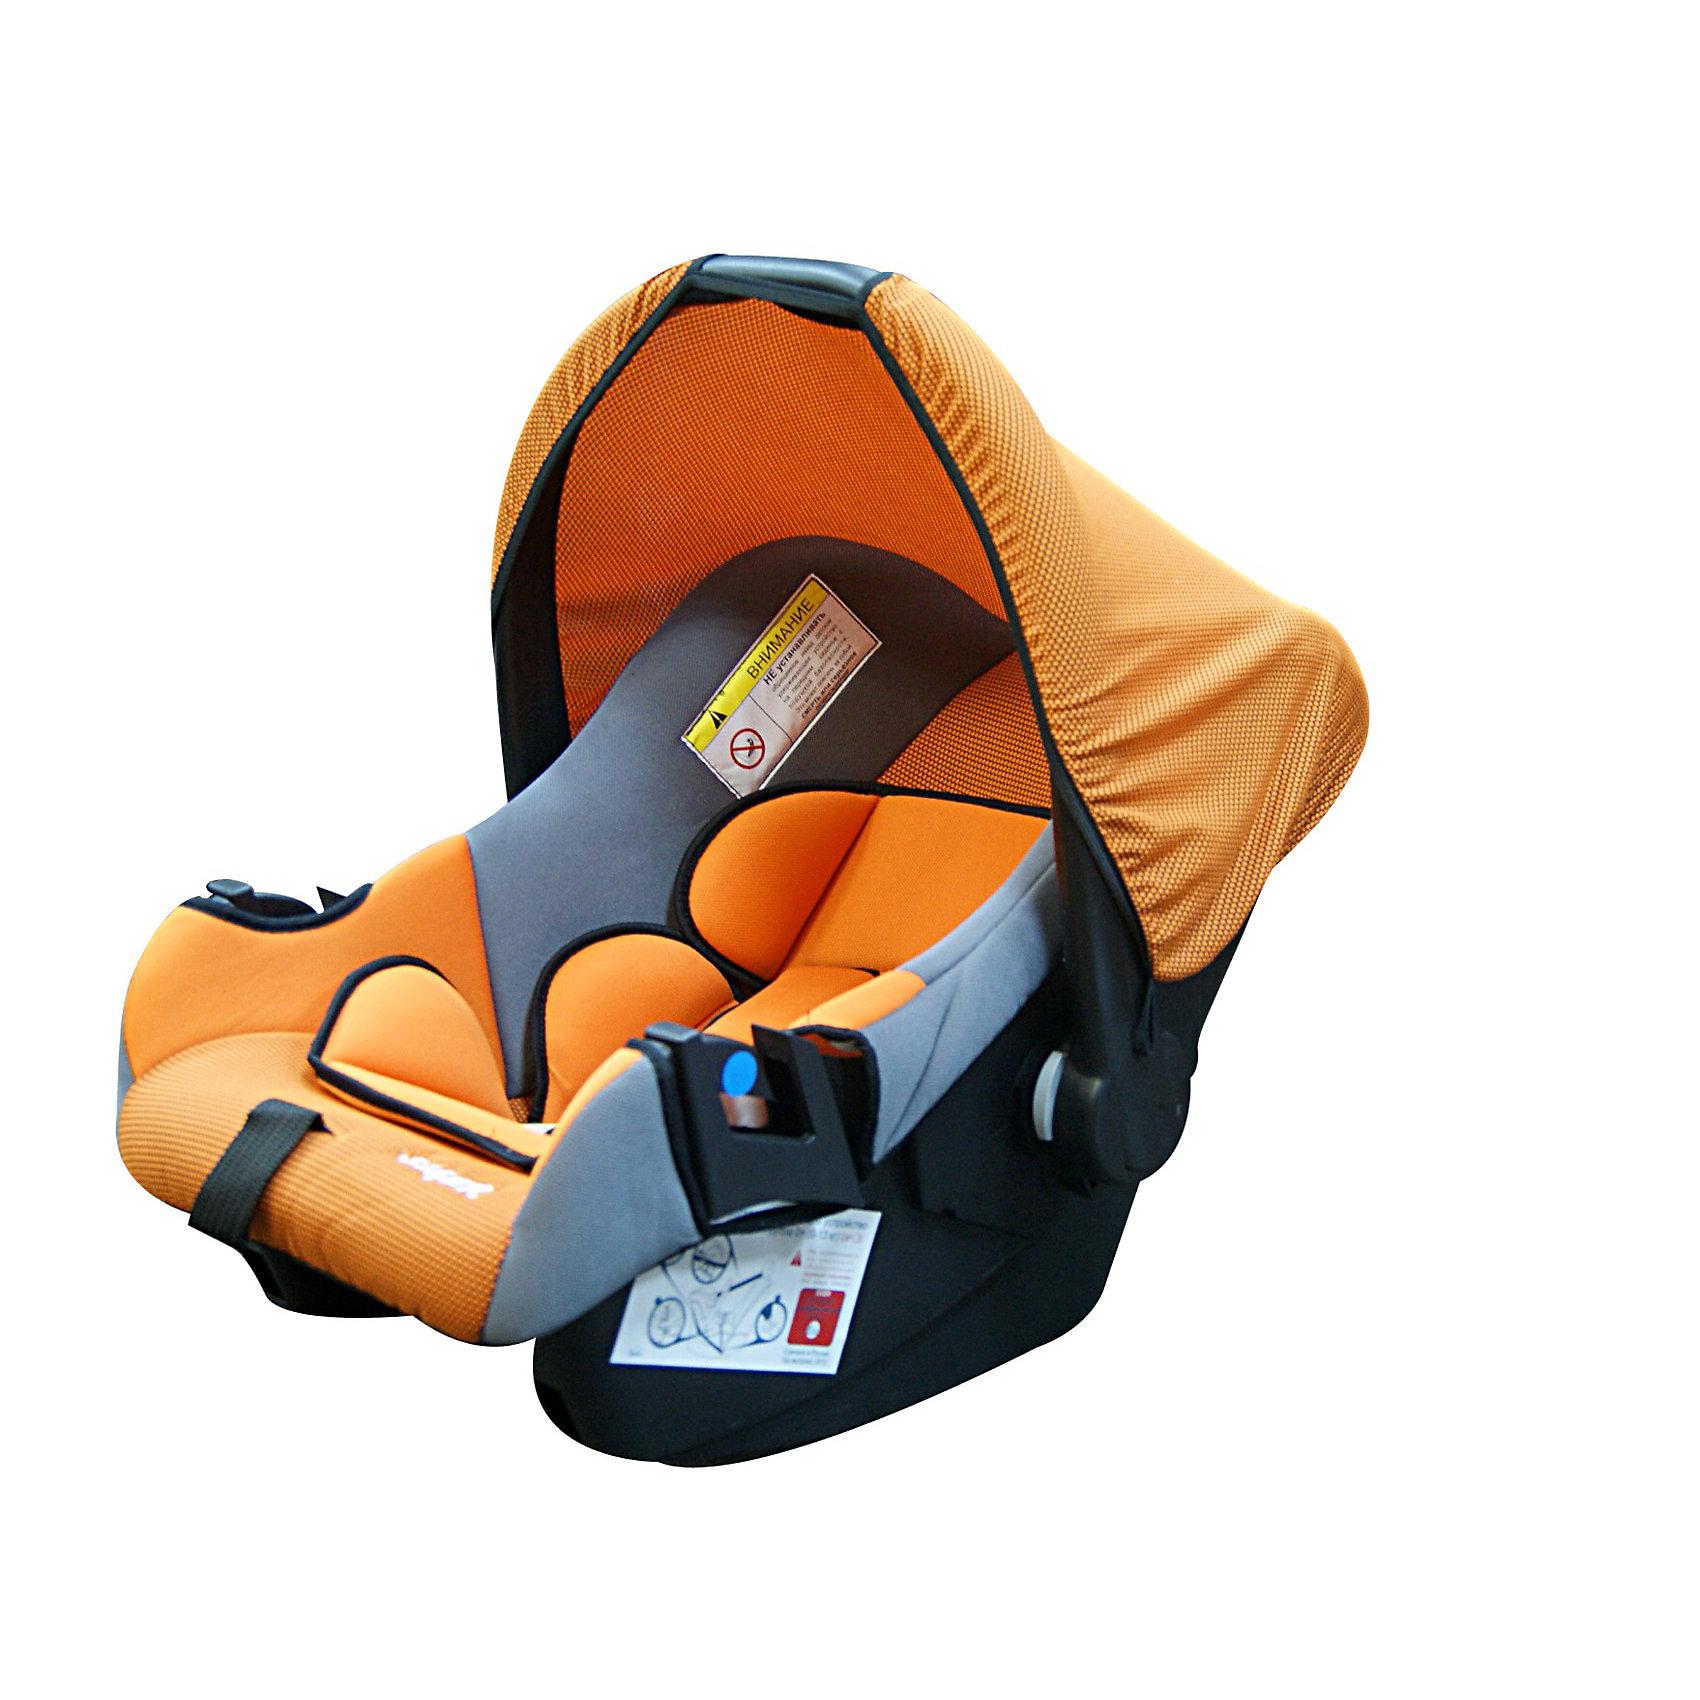 Детское автомобильное  кресло  SIGER Эгида Люкс, 0-13 кг., оранжевыйДетское автомобильное  кресло  SIGER Эгида Люкс.<br>Подходит для детей весом от 0 до 13 килограммов. Возрастная группа с рождения до 1,5 лет.<br><br>Особенности:<br>- устанавливается в автомобиль при помощи штатных ремней безопасности в положении спиной вперед;<br>- специальные амортизирующие вставки из гигиенического пенополиуретана;<br>- удобная ручка с возможностью фиксации в 4 положениях;<br>- замок ремней с мягкой накладкой и защитой от неправильного использования;<br>- возможность регулировки ремней по длине, высоте (3 положения) и глубине (2 положения);<br>- Мягкий подголовник и вкладыш сиденья;<br>- широкие лямки ремней с мягкими наплечниками;<br>- козырек от солнца;<br>- усиленная боковая защита;<br>- цвет – оранжевый.<br><br>Дополнительная информация:<br><br>- размеры: 45,5 х 56,5 см<br>- вес: 28,7 кг<br><br>Детское автомобильное кресло SIGER Эгида Люкс можно купить в нашем интернет-магазине.<br><br>Ширина мм: 670<br>Глубина мм: 450<br>Высота мм: 440<br>Вес г: 3000<br>Возраст от месяцев: 0<br>Возраст до месяцев: 18<br>Пол: Унисекс<br>Возраст: Детский<br>SKU: 3340365